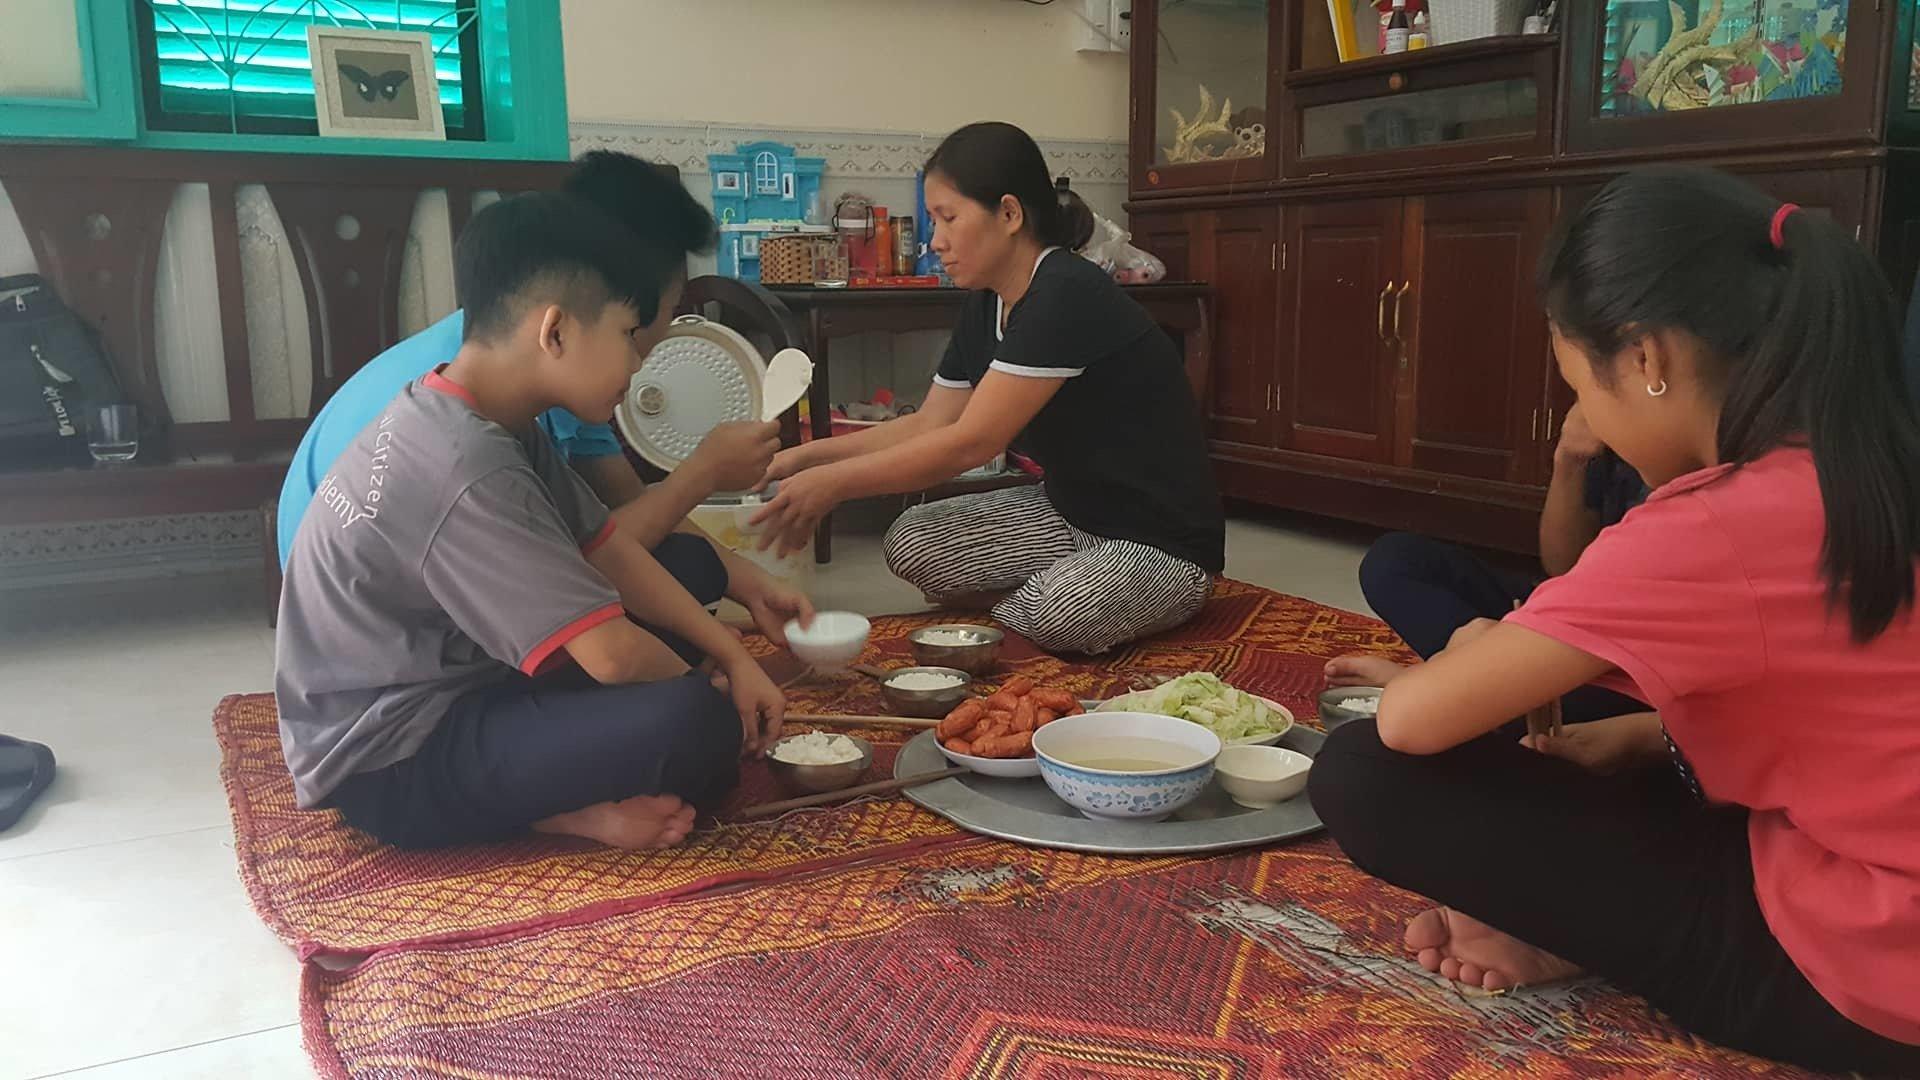 Người mẹ đơn thân nuôi 7 con trong căn nhà đặc biệt giữa lòng Hà Nội - Ảnh 4